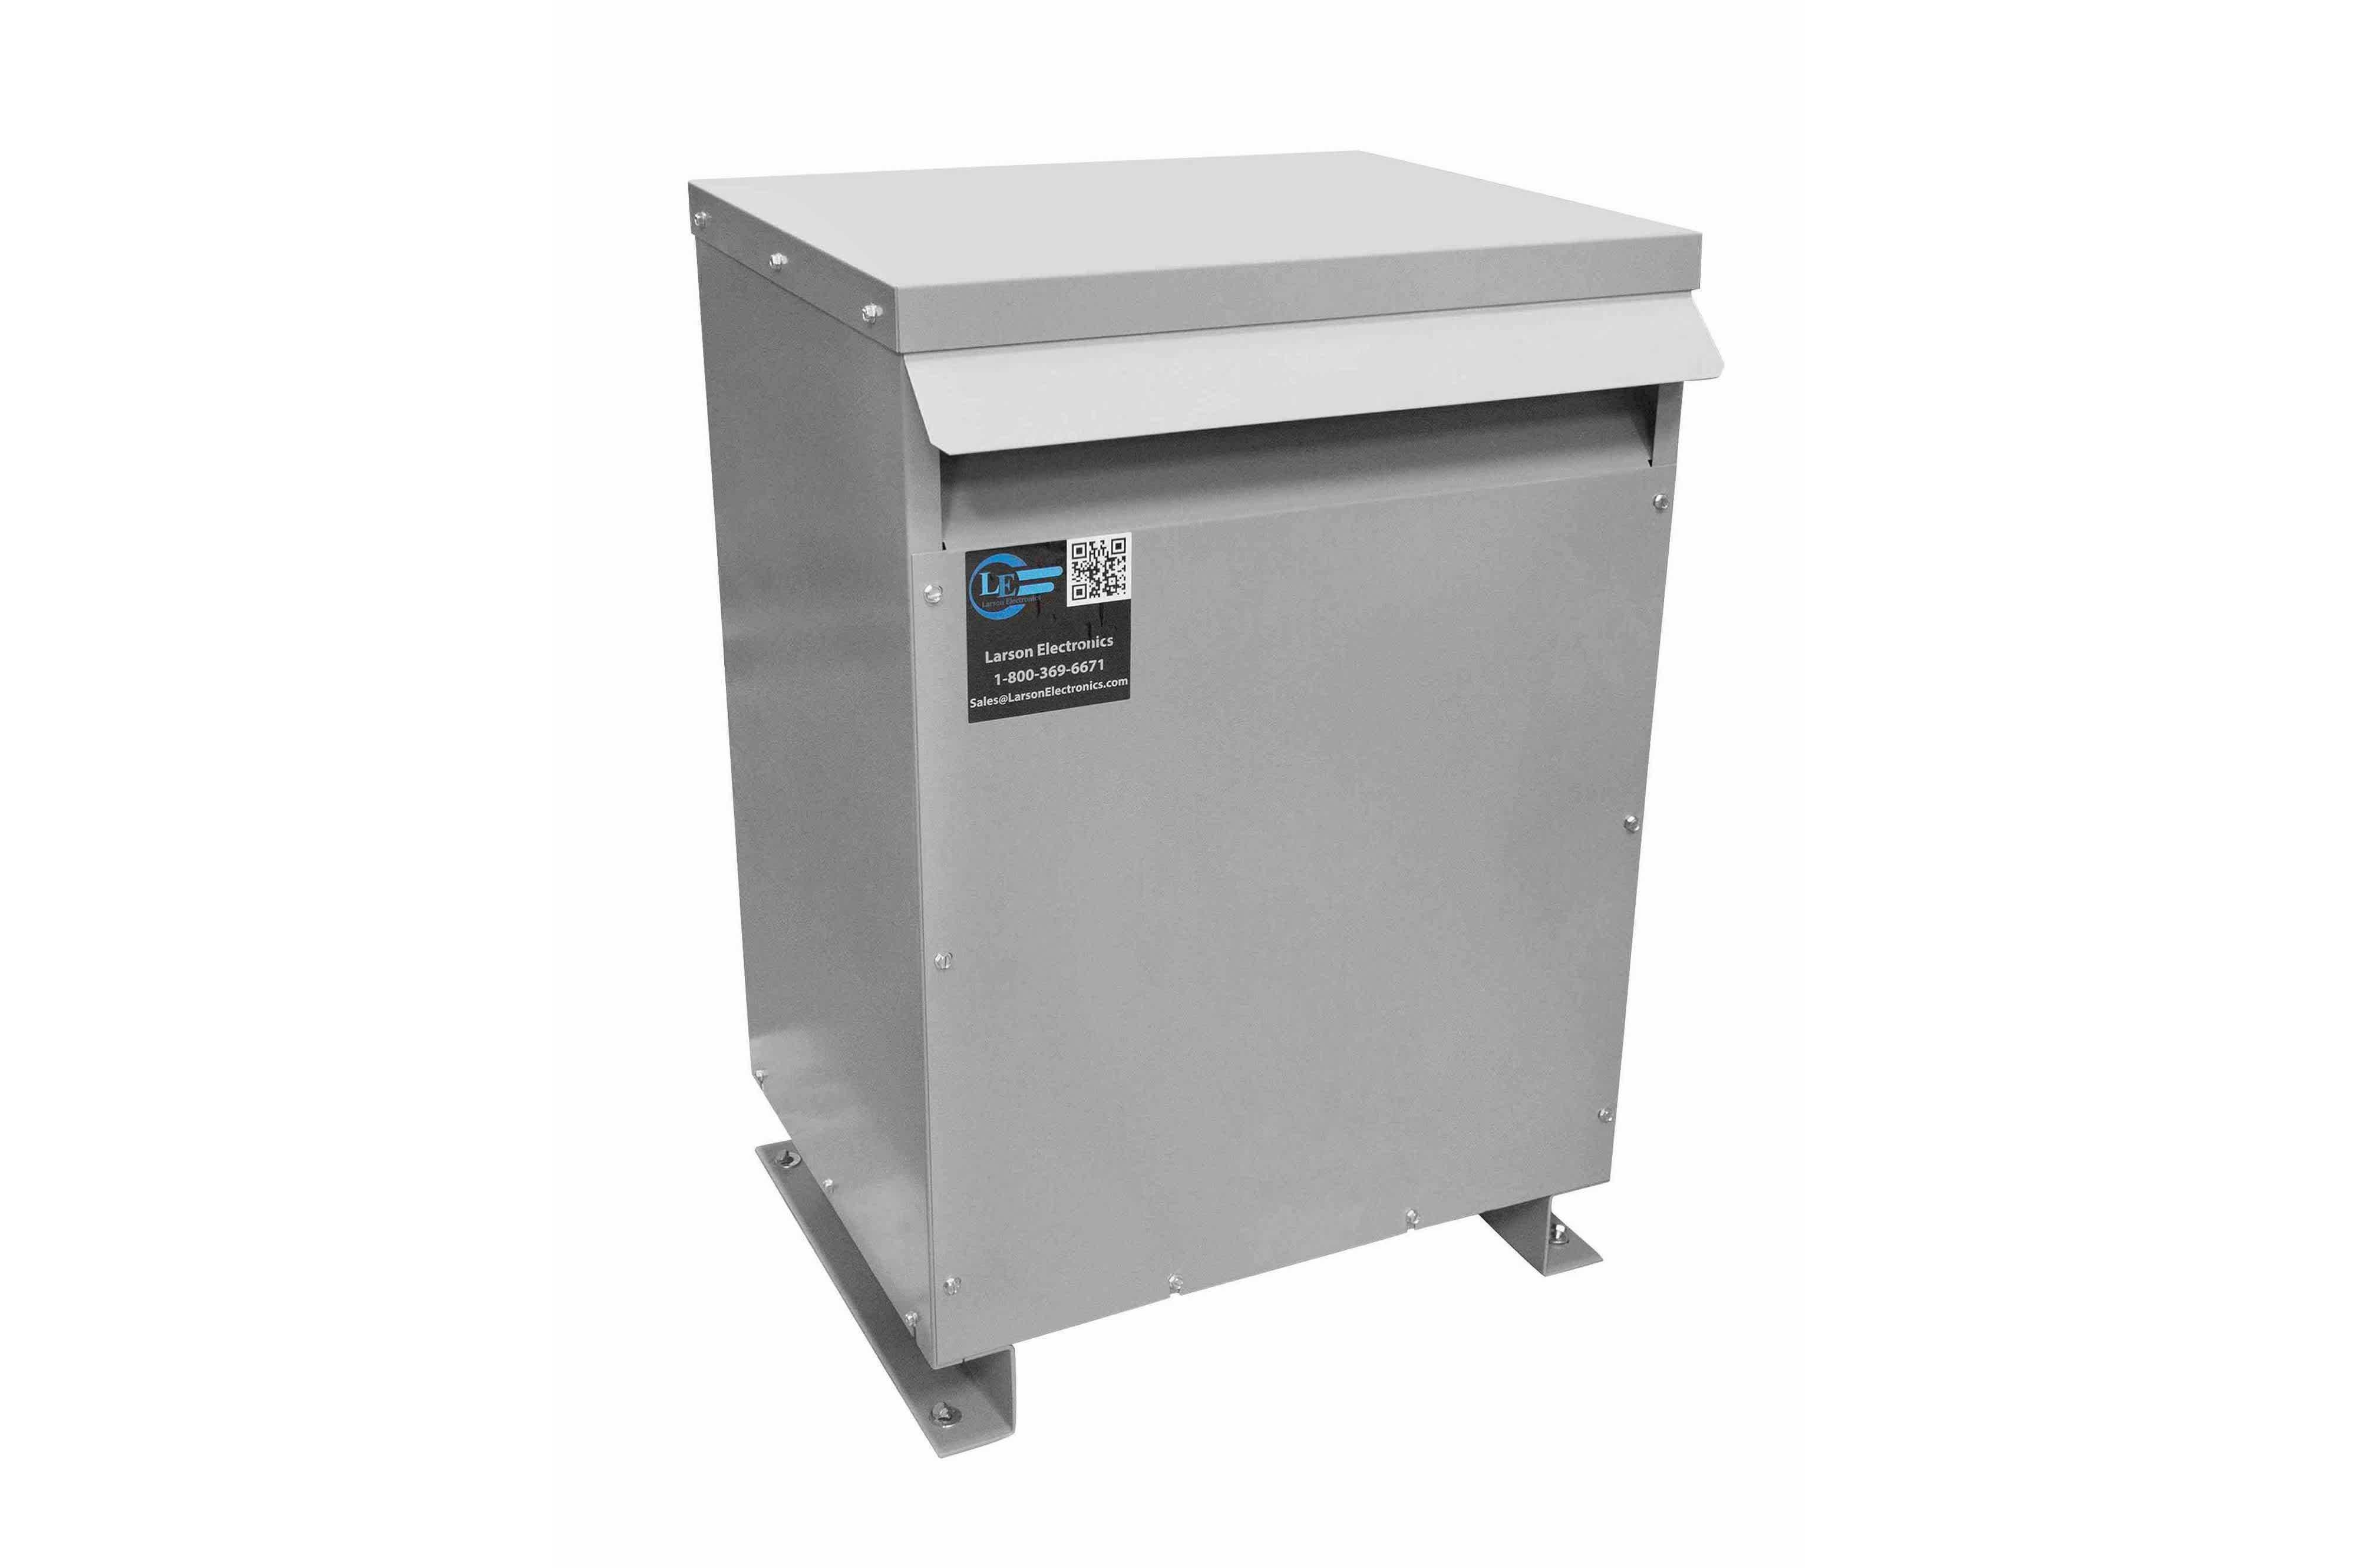 32.5 kVA 3PH Isolation Transformer, 380V Delta Primary, 208V Delta Secondary, N3R, Ventilated, 60 Hz